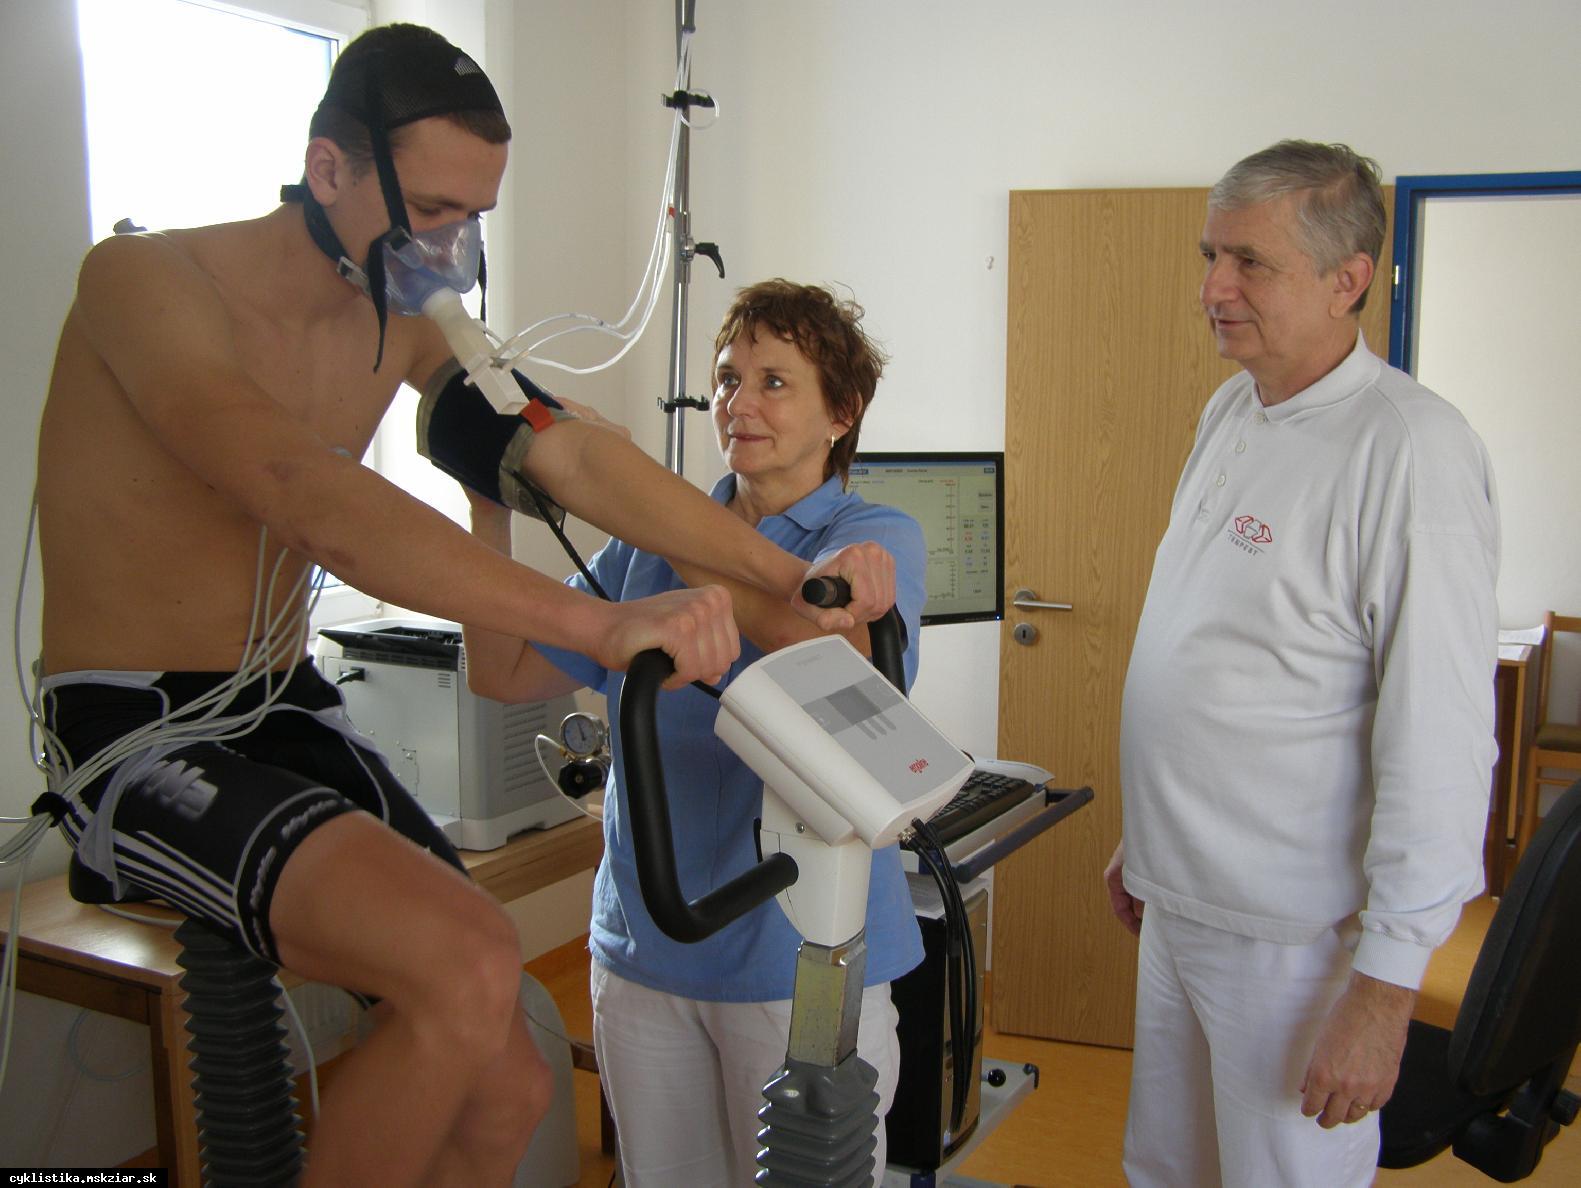 obr: Spiroergometrické vyšetrenie...